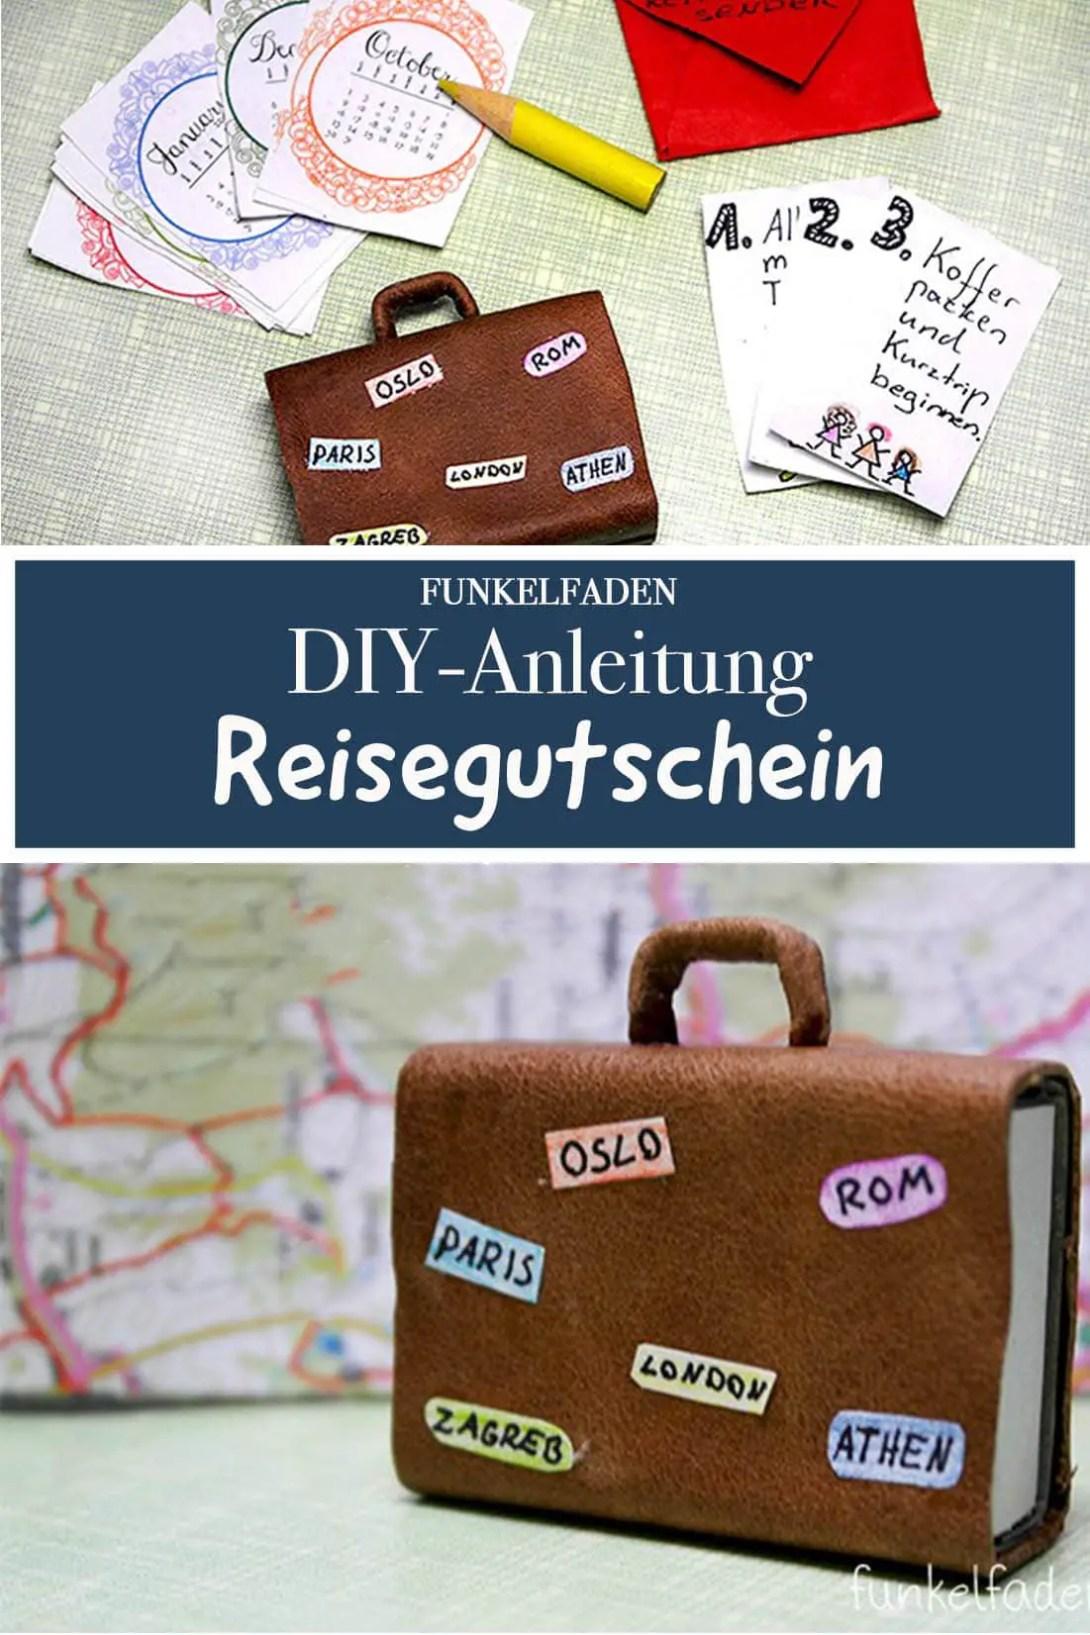 diy anleitung reisegutschein basten mit koffer anleitungen do it yourself bastelidee. Black Bedroom Furniture Sets. Home Design Ideas